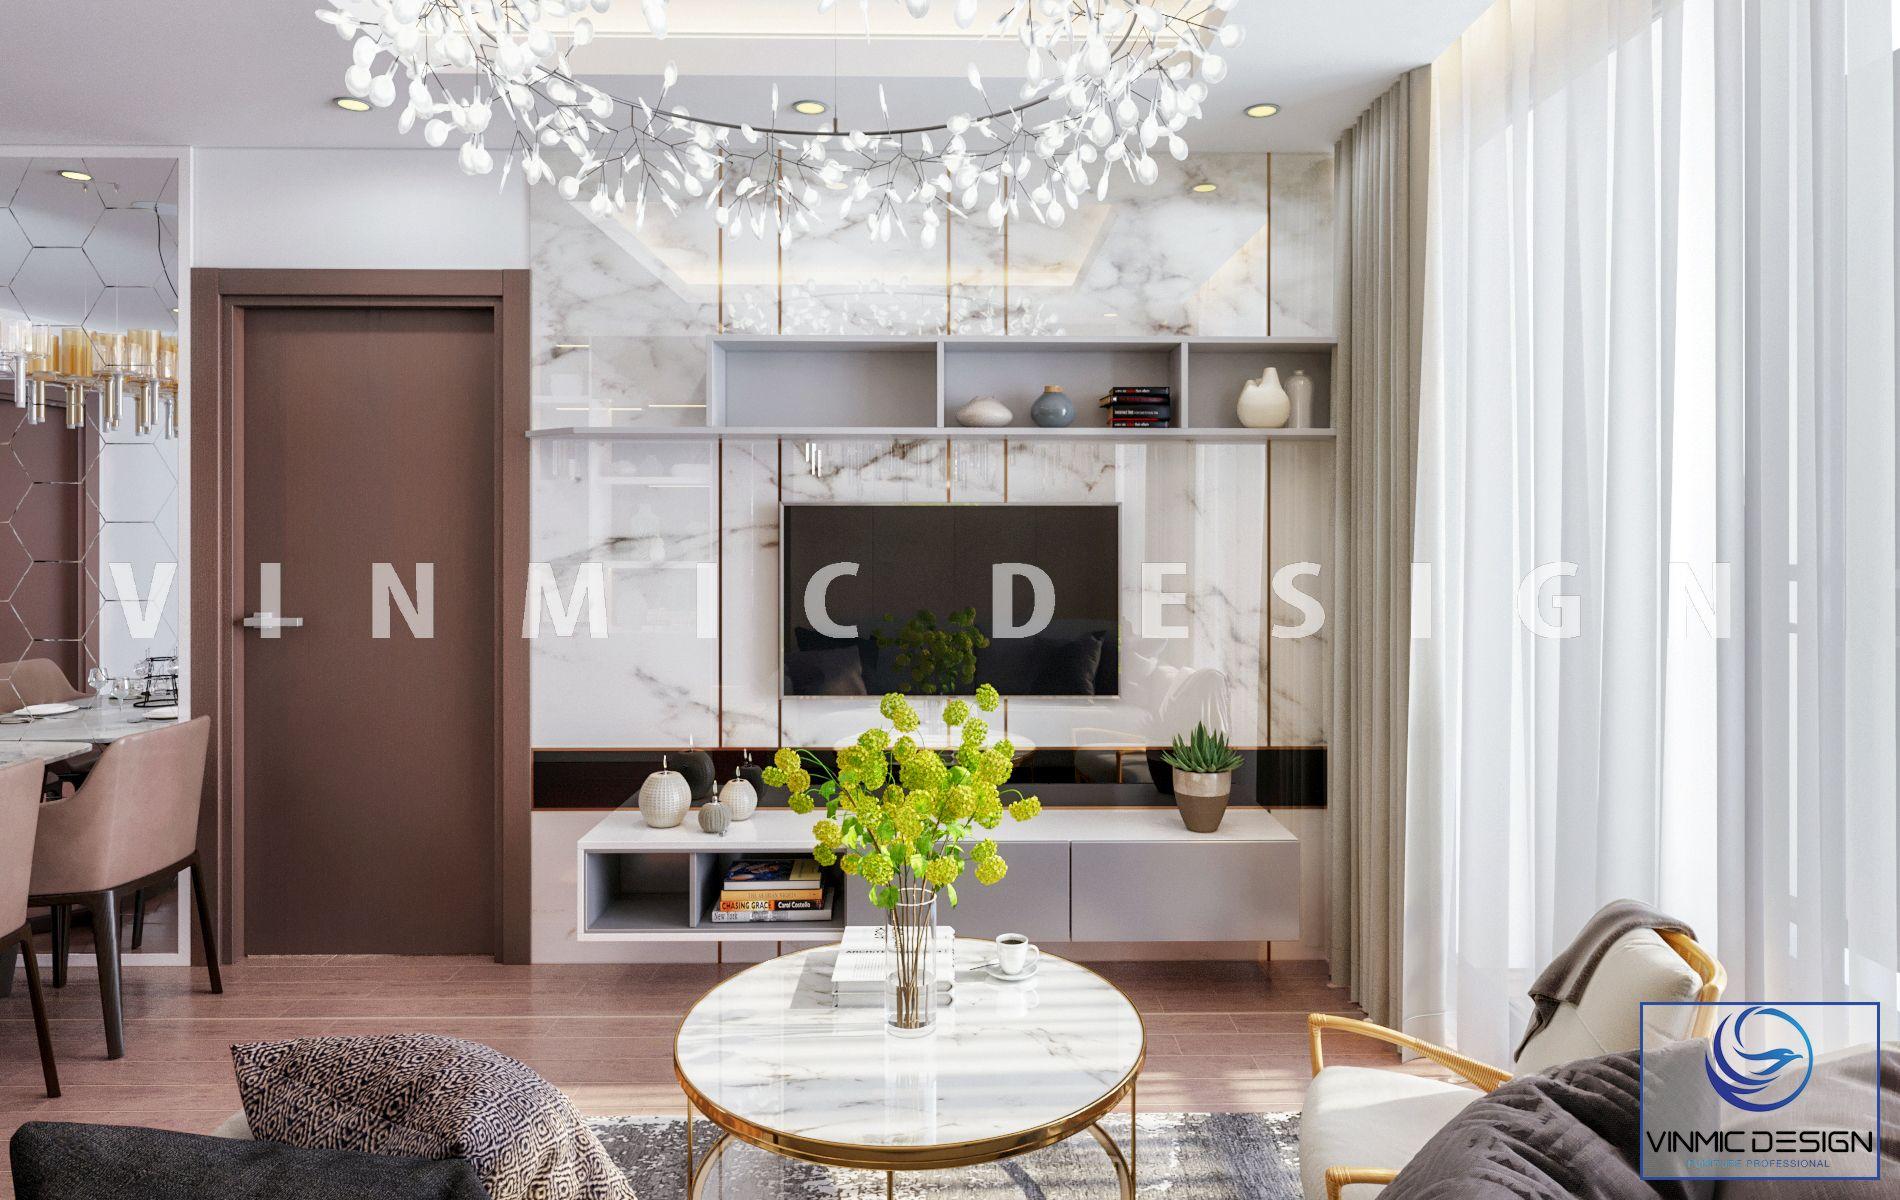 Mẫu thiết kế kệ tivi kết hợp tủ hốc trang trí đồ nội thất và đồ nội thất hài hòa